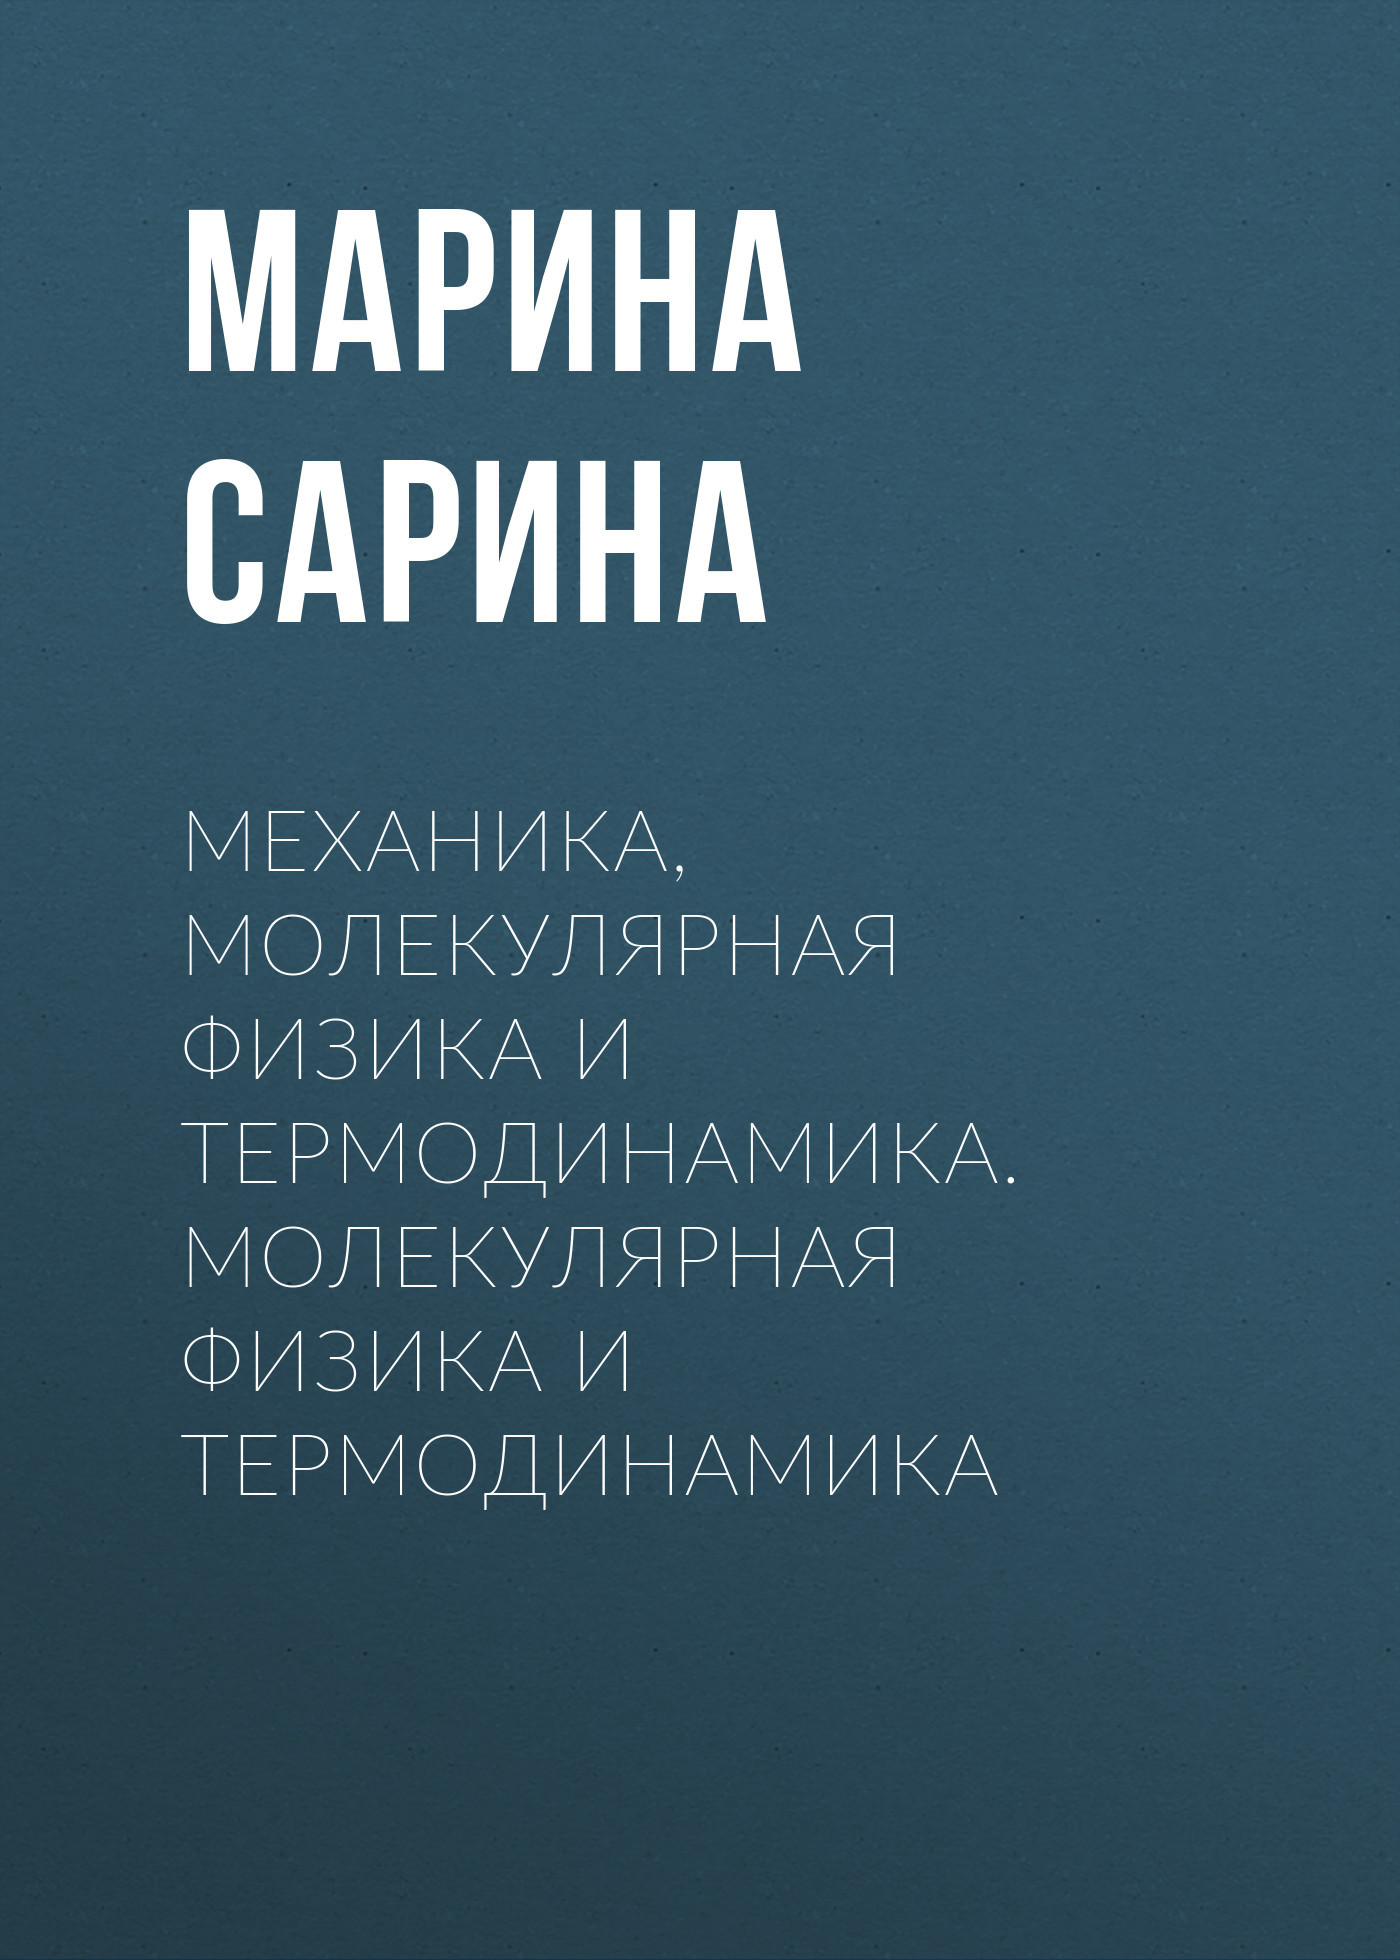 Марина Сарина Механика, молекулярная физика и термодинамика. Молекулярная физика и термодинамика а в бармасов в е холмогоров курс общей физики для природопользователей механика